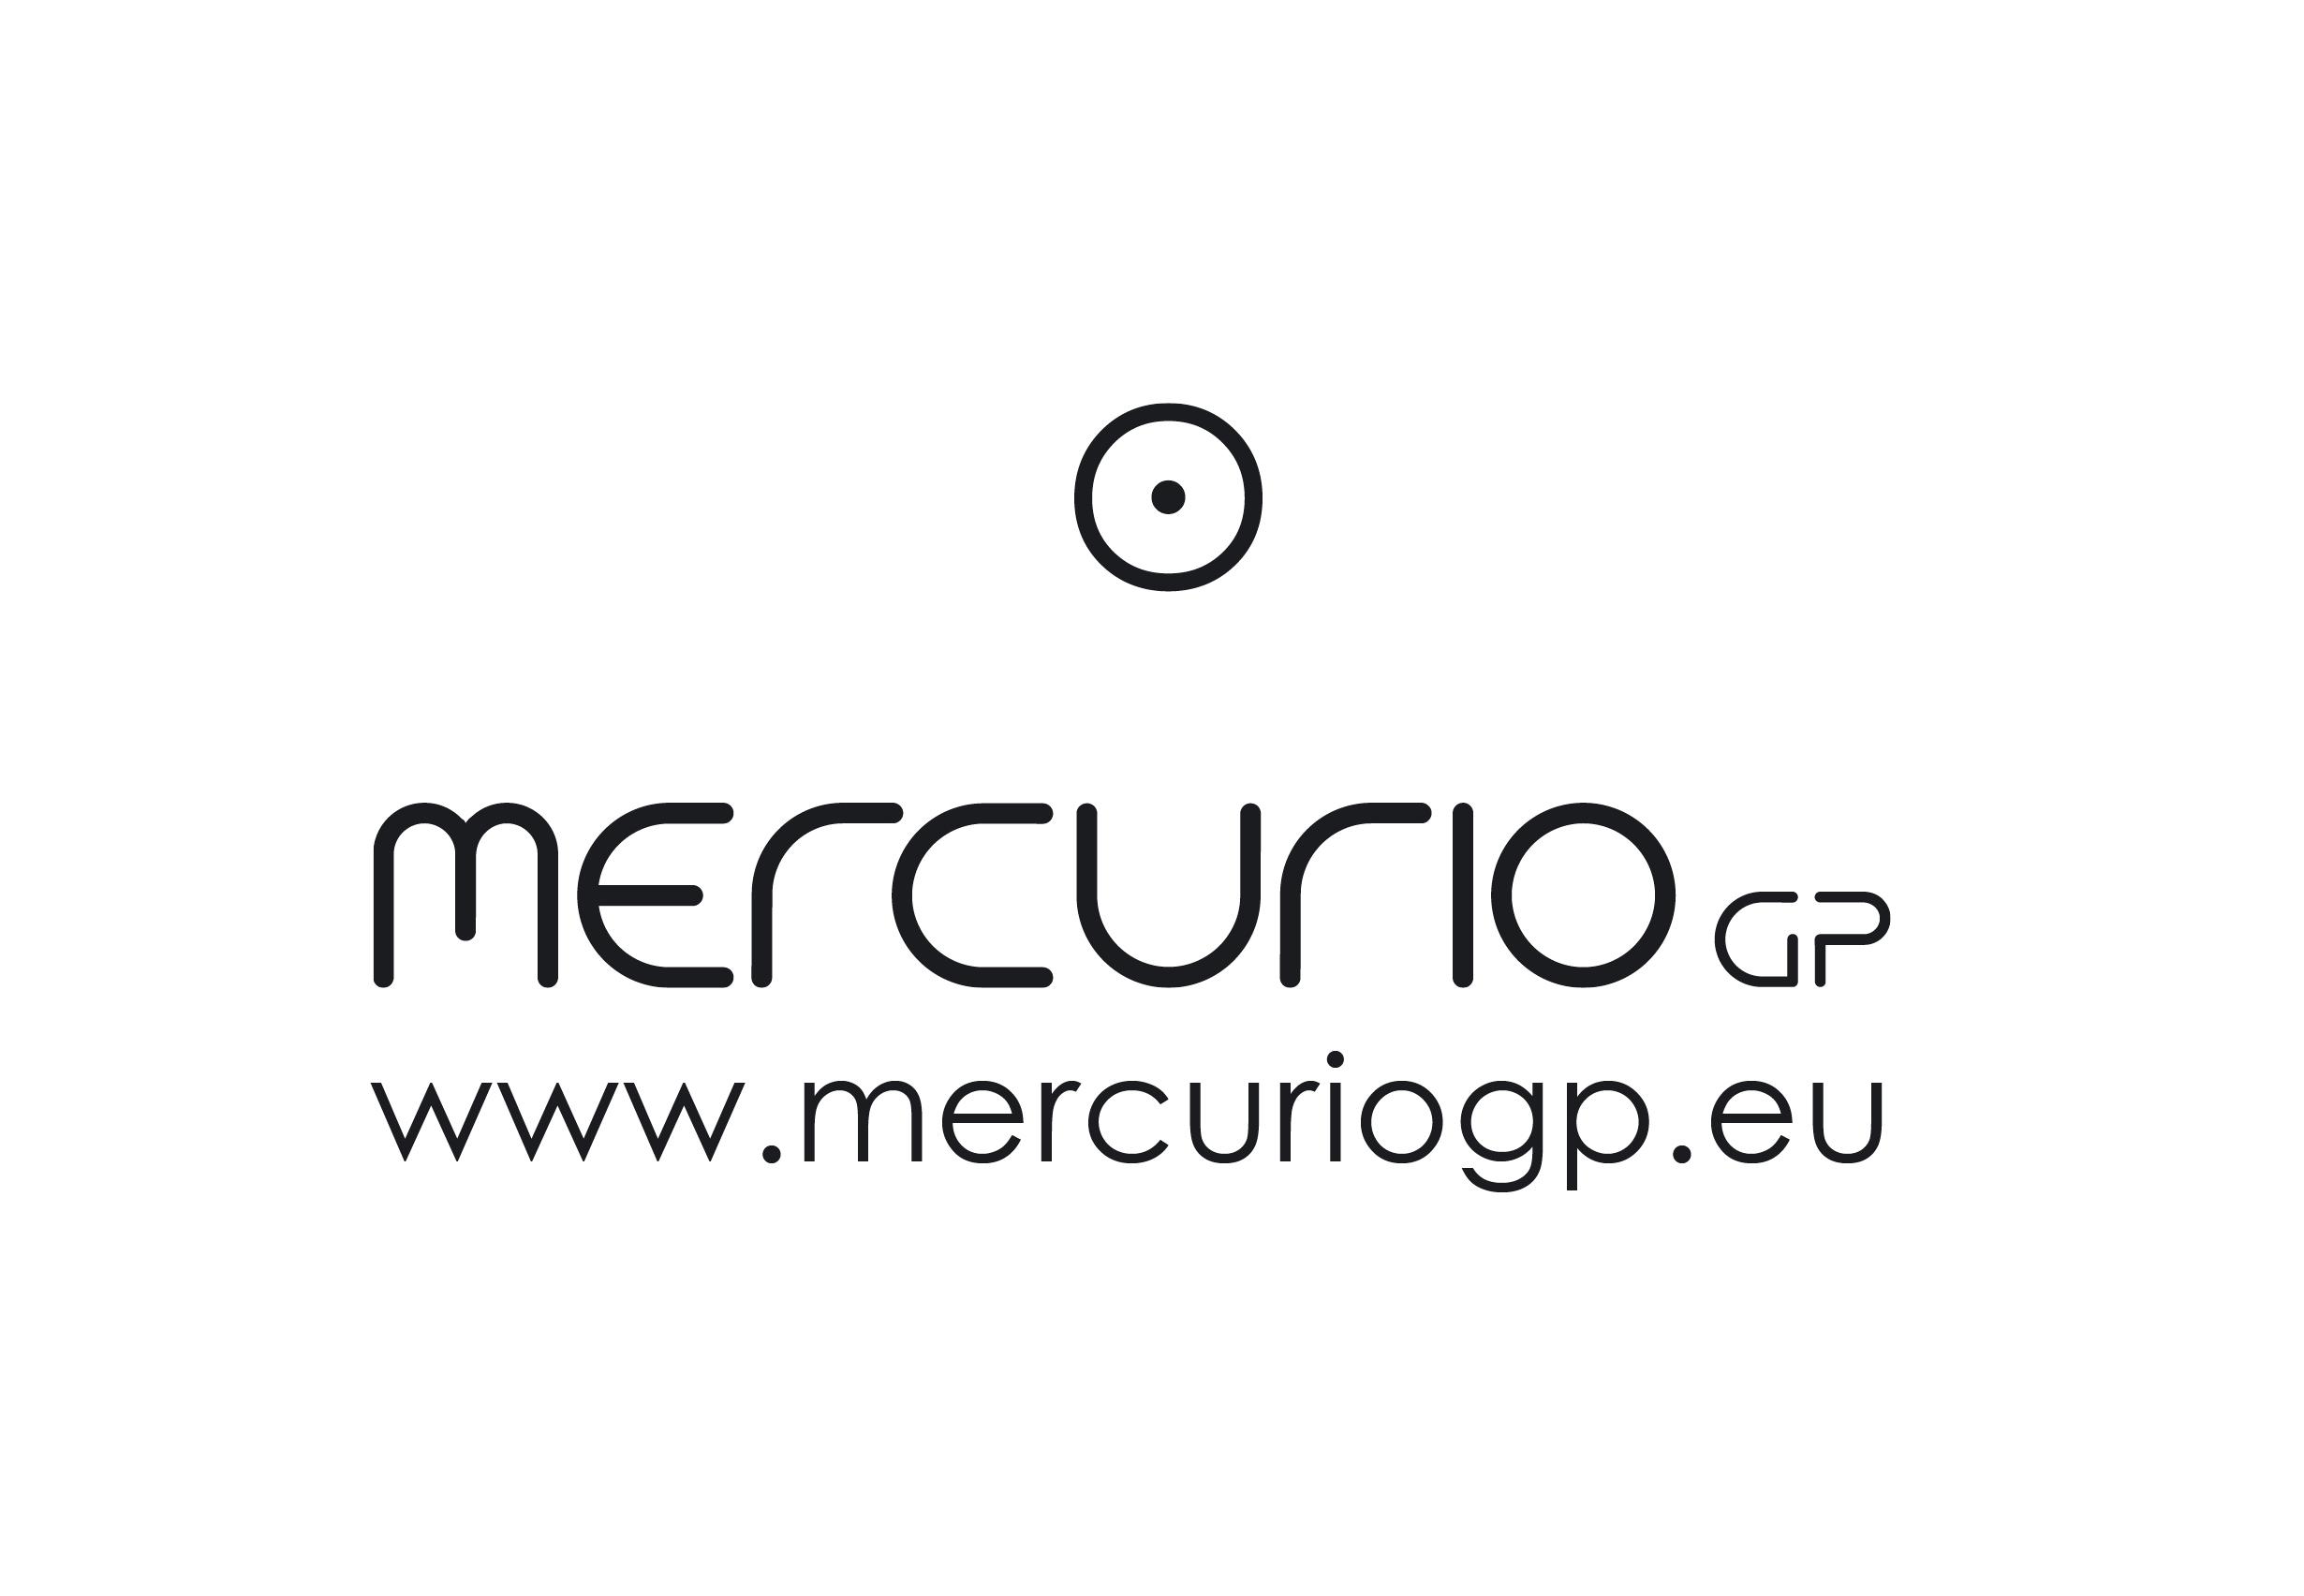 mercuriogp